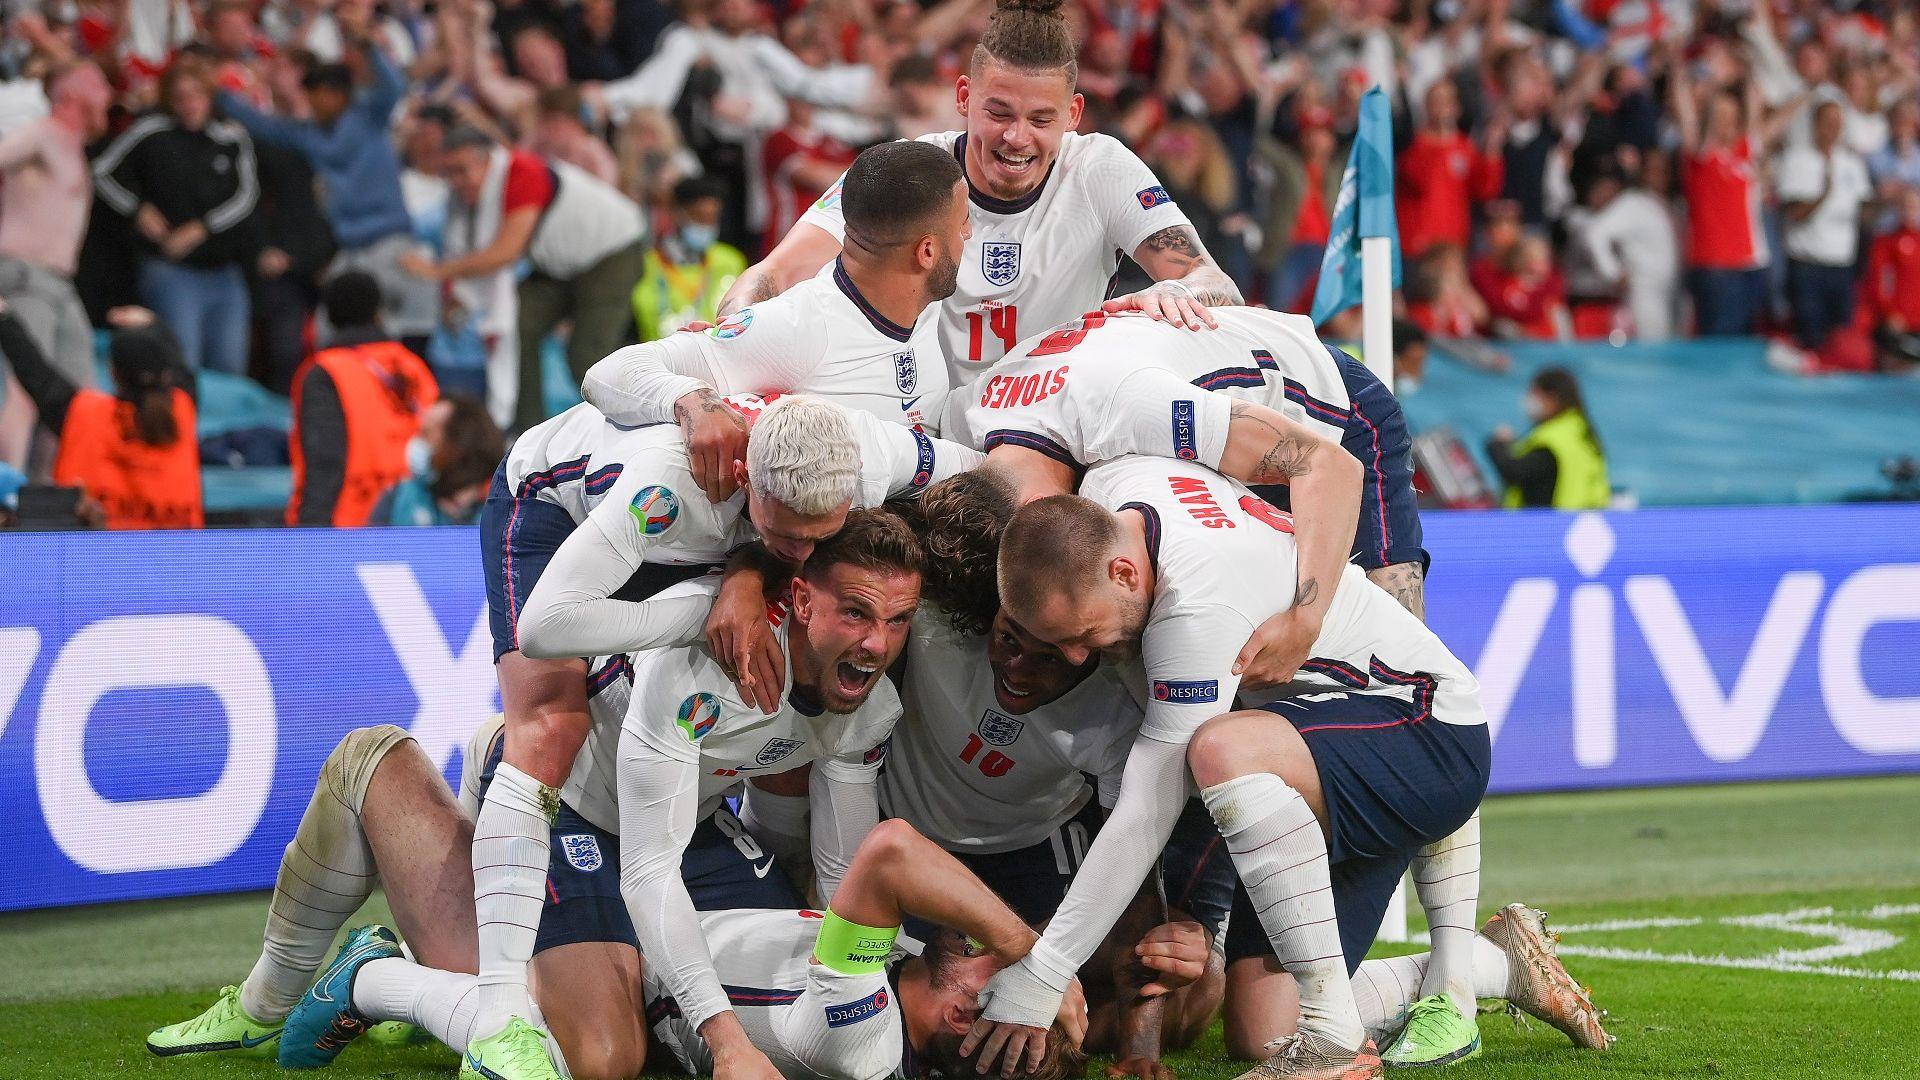 Мечтата е жива! Англия е на своя  първи европейски финал